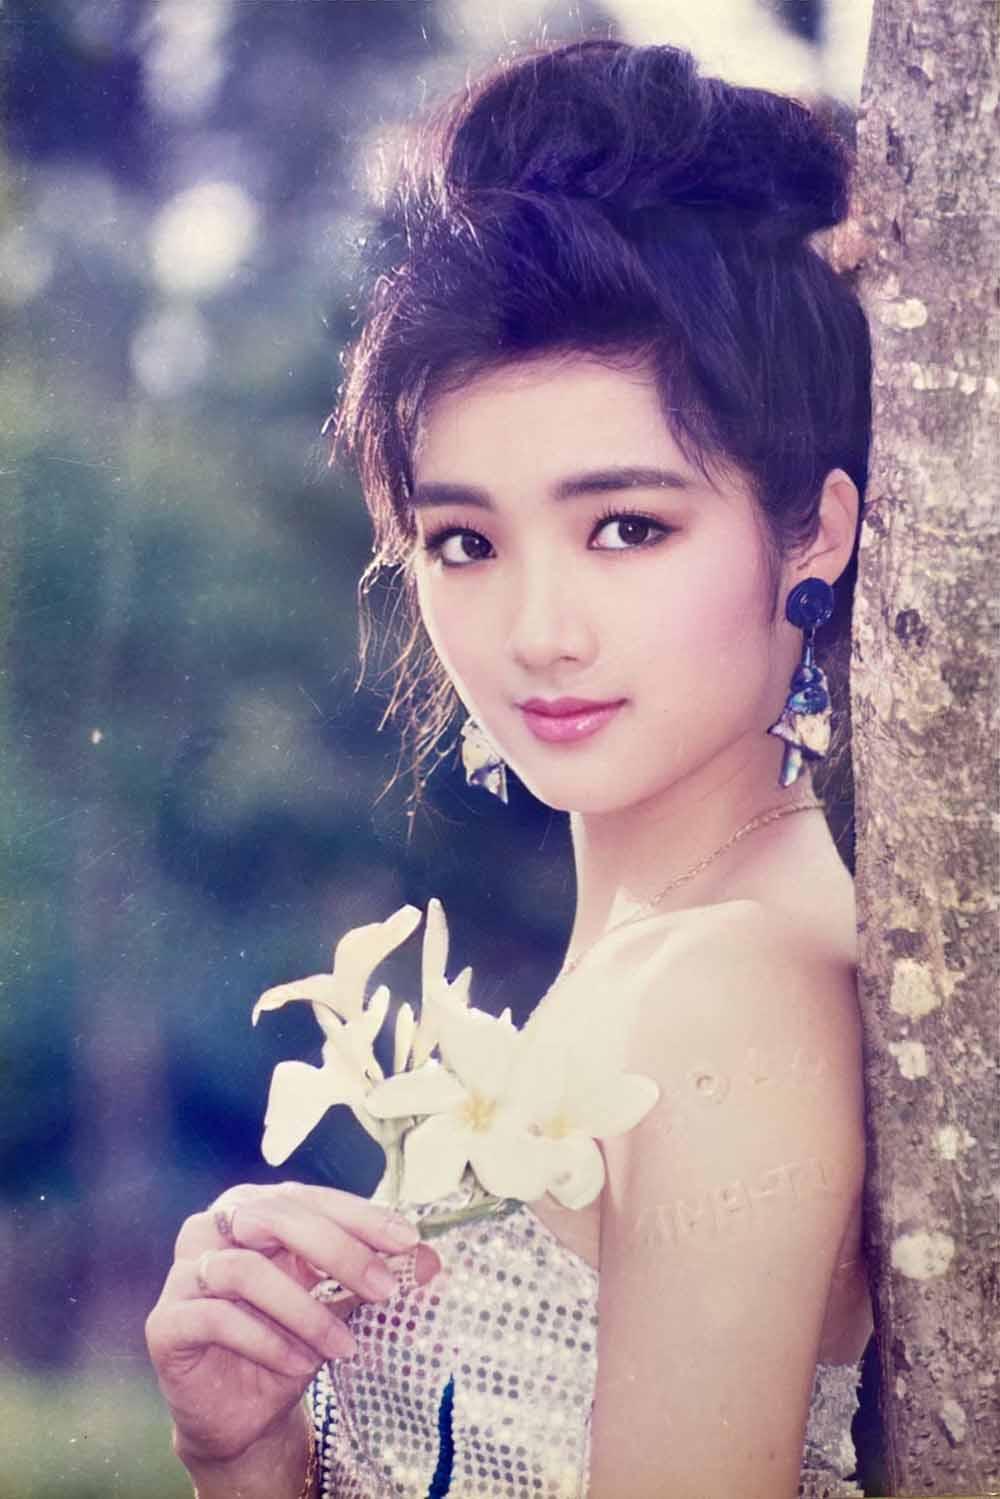 """Vẻ đẹp nghiêng thành thời trẻ khiến nhiều tỷ phú """"ngã gục"""" của hoa hậu Đền Hùng - 1"""